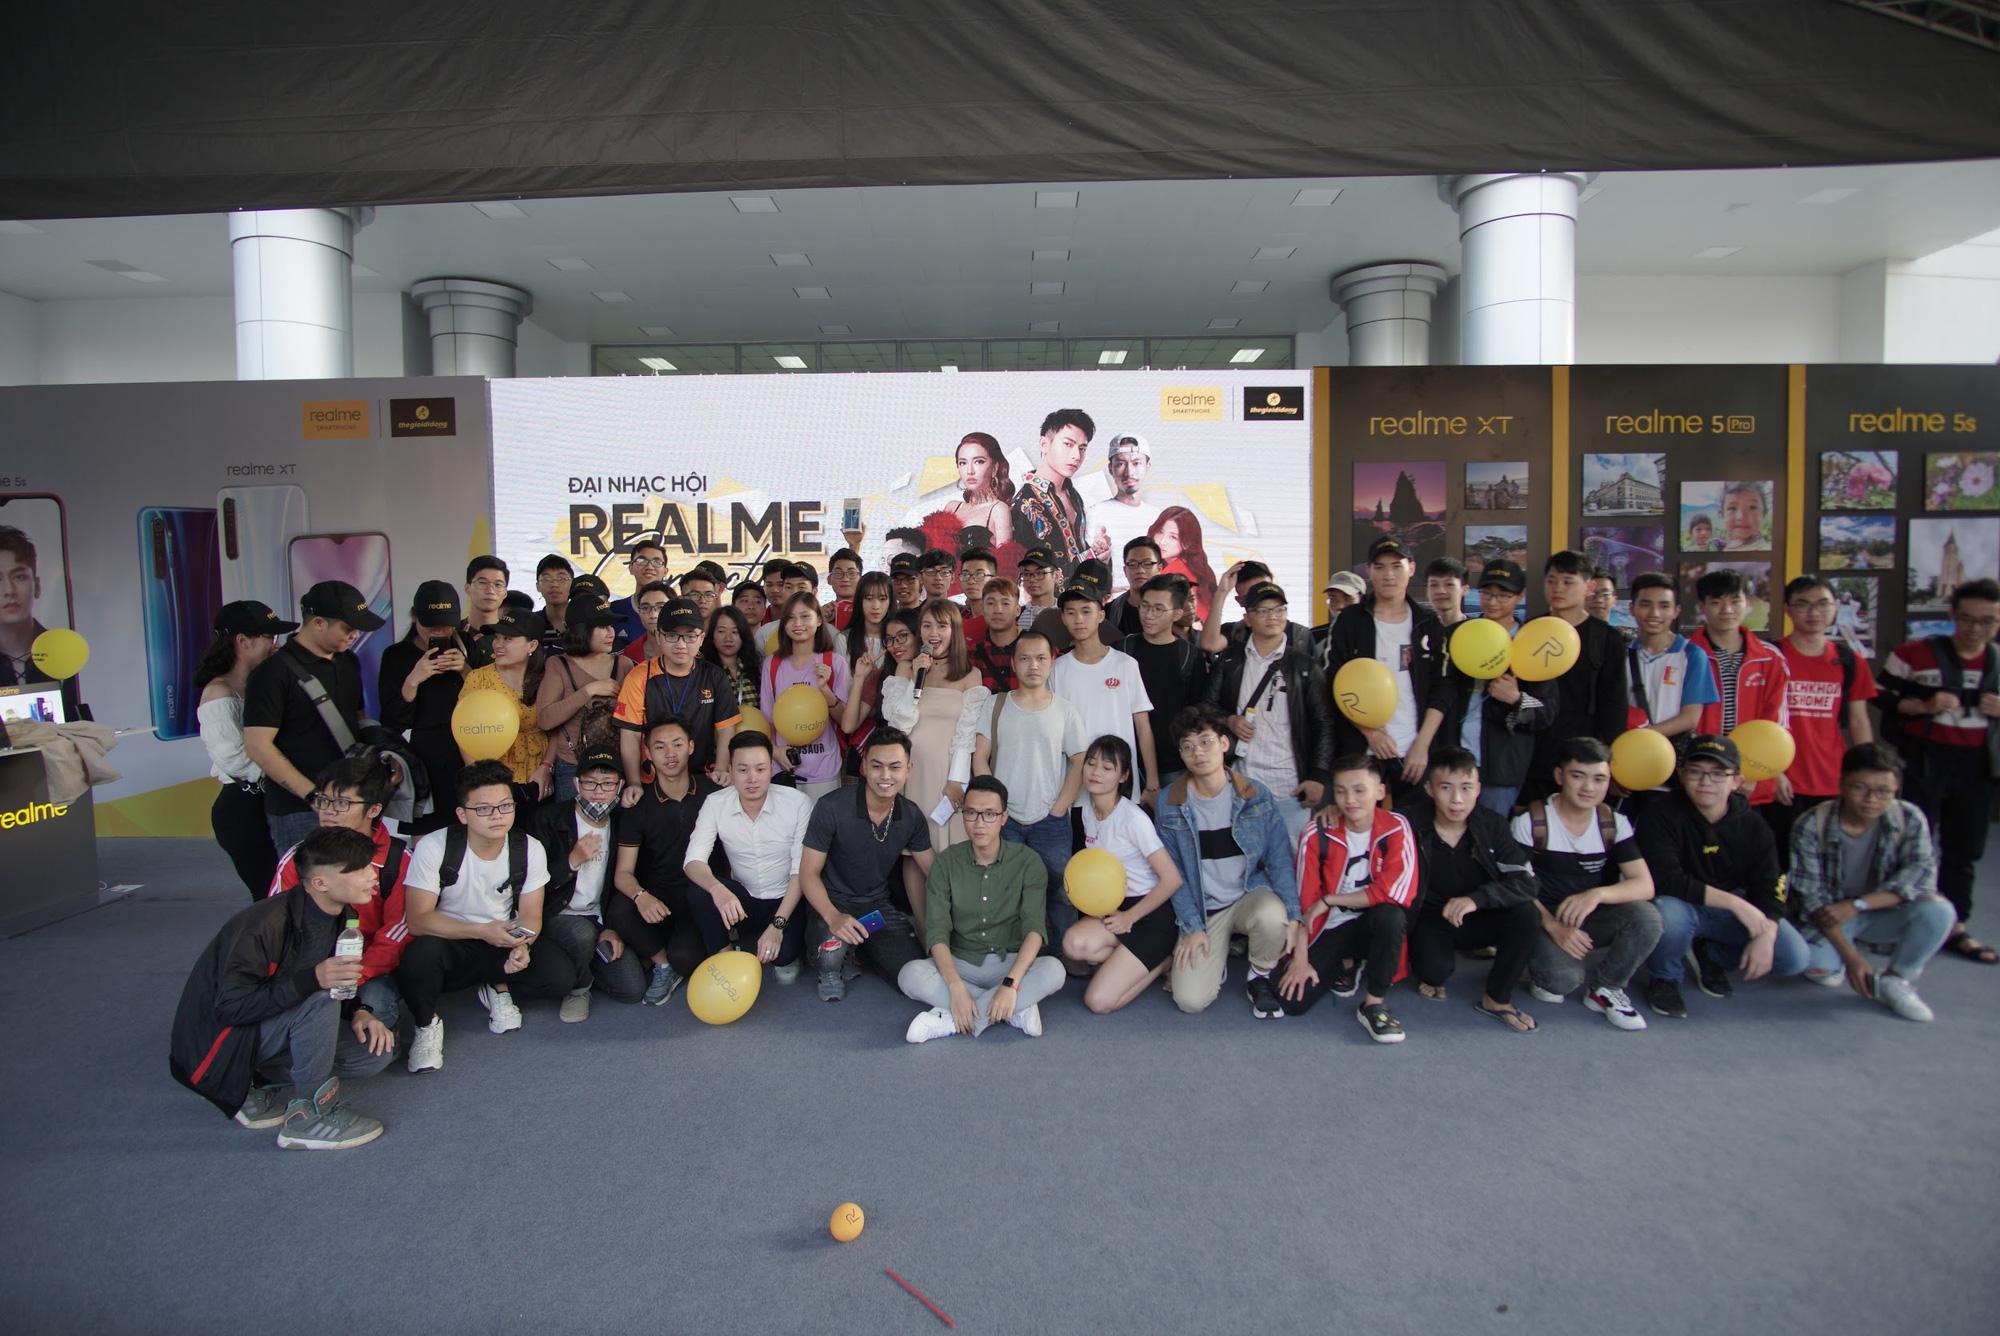 Dấu ấn Realme để lại trong năm 2019: ra mắt sản phẩm mới, xây dựng cộng đồng Realfan và tổ chức 2 đại nhạc hội hoành tráng - Ảnh 9.